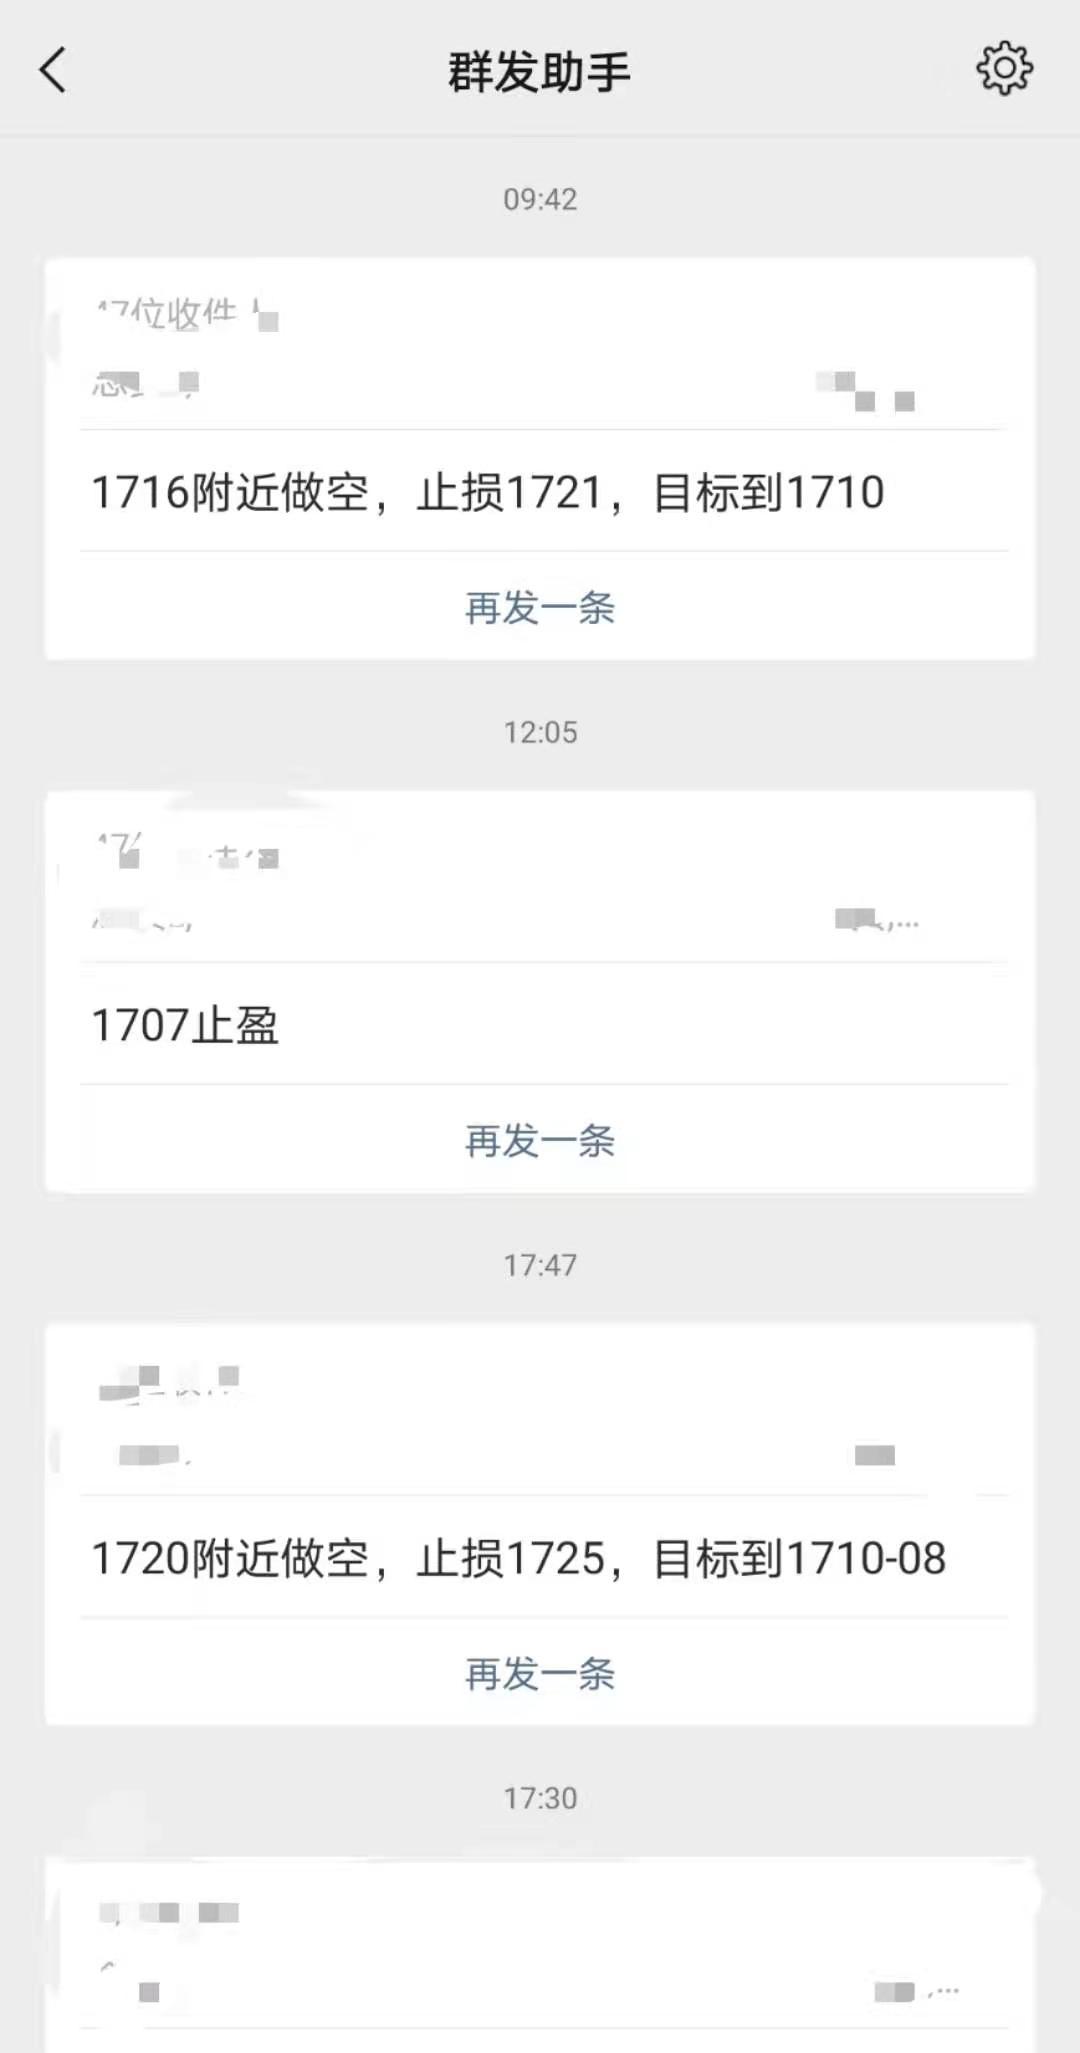 陈晓楠:3.4今日4单全胜,目前169连胜持有中,晚间黄金走势如何?